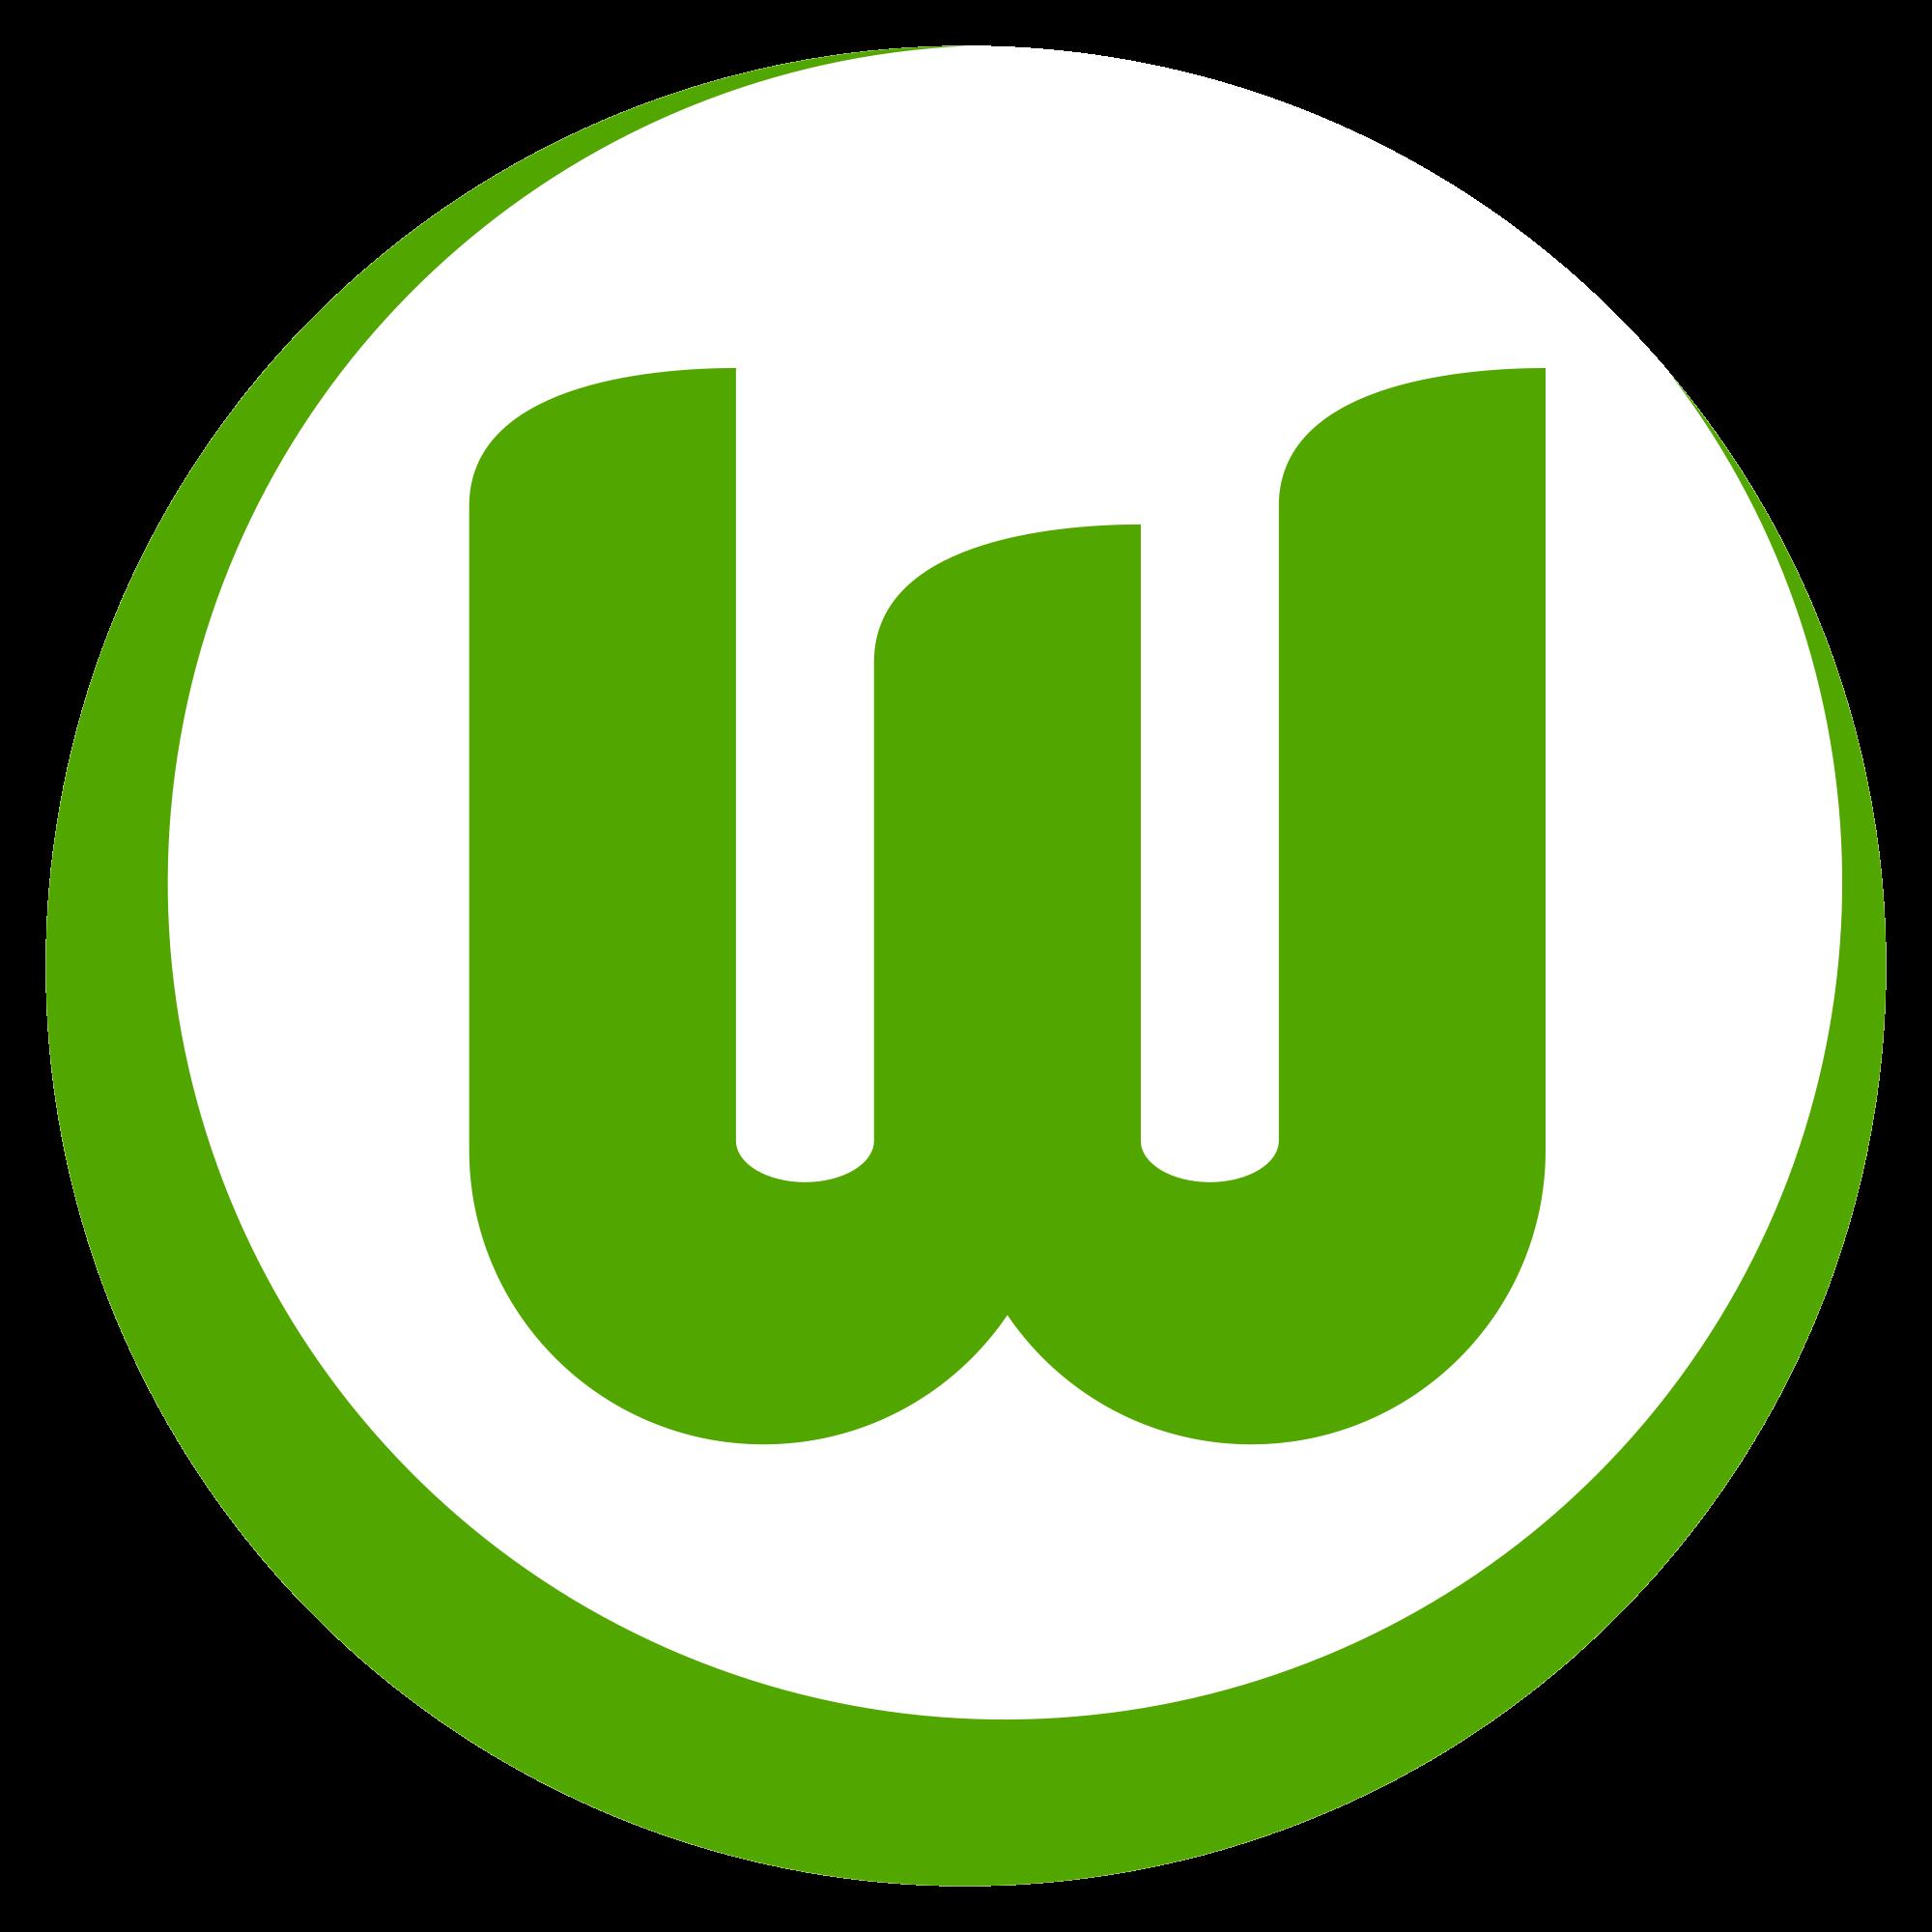 Vfl Wolfsburg Logo Alt